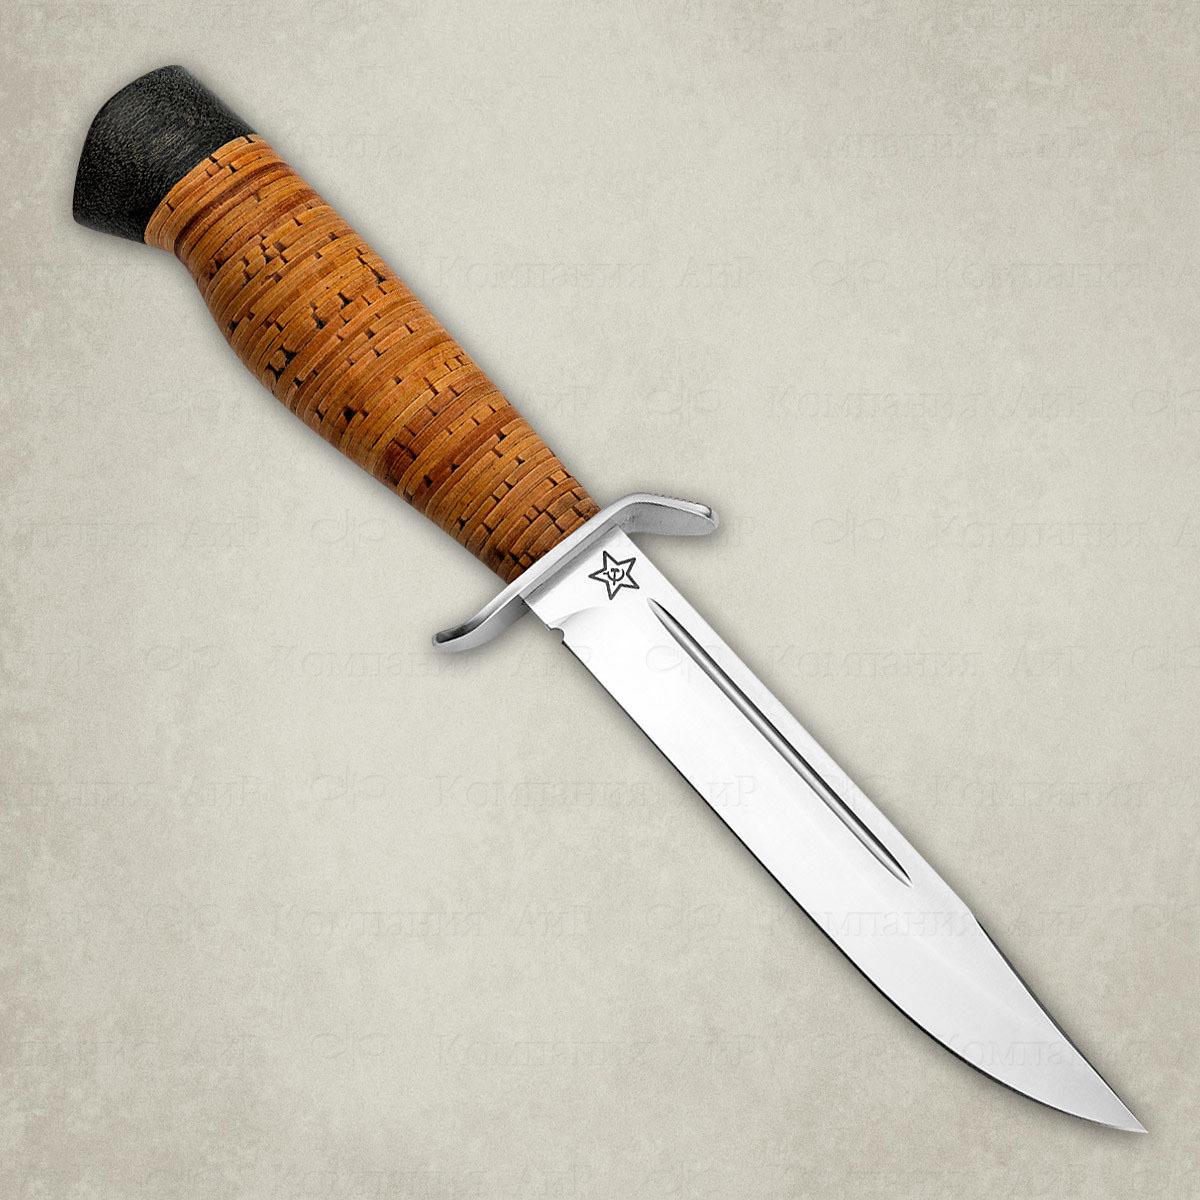 Нож разделочный АиР Штрафбат, сталь M390, рукоять береста